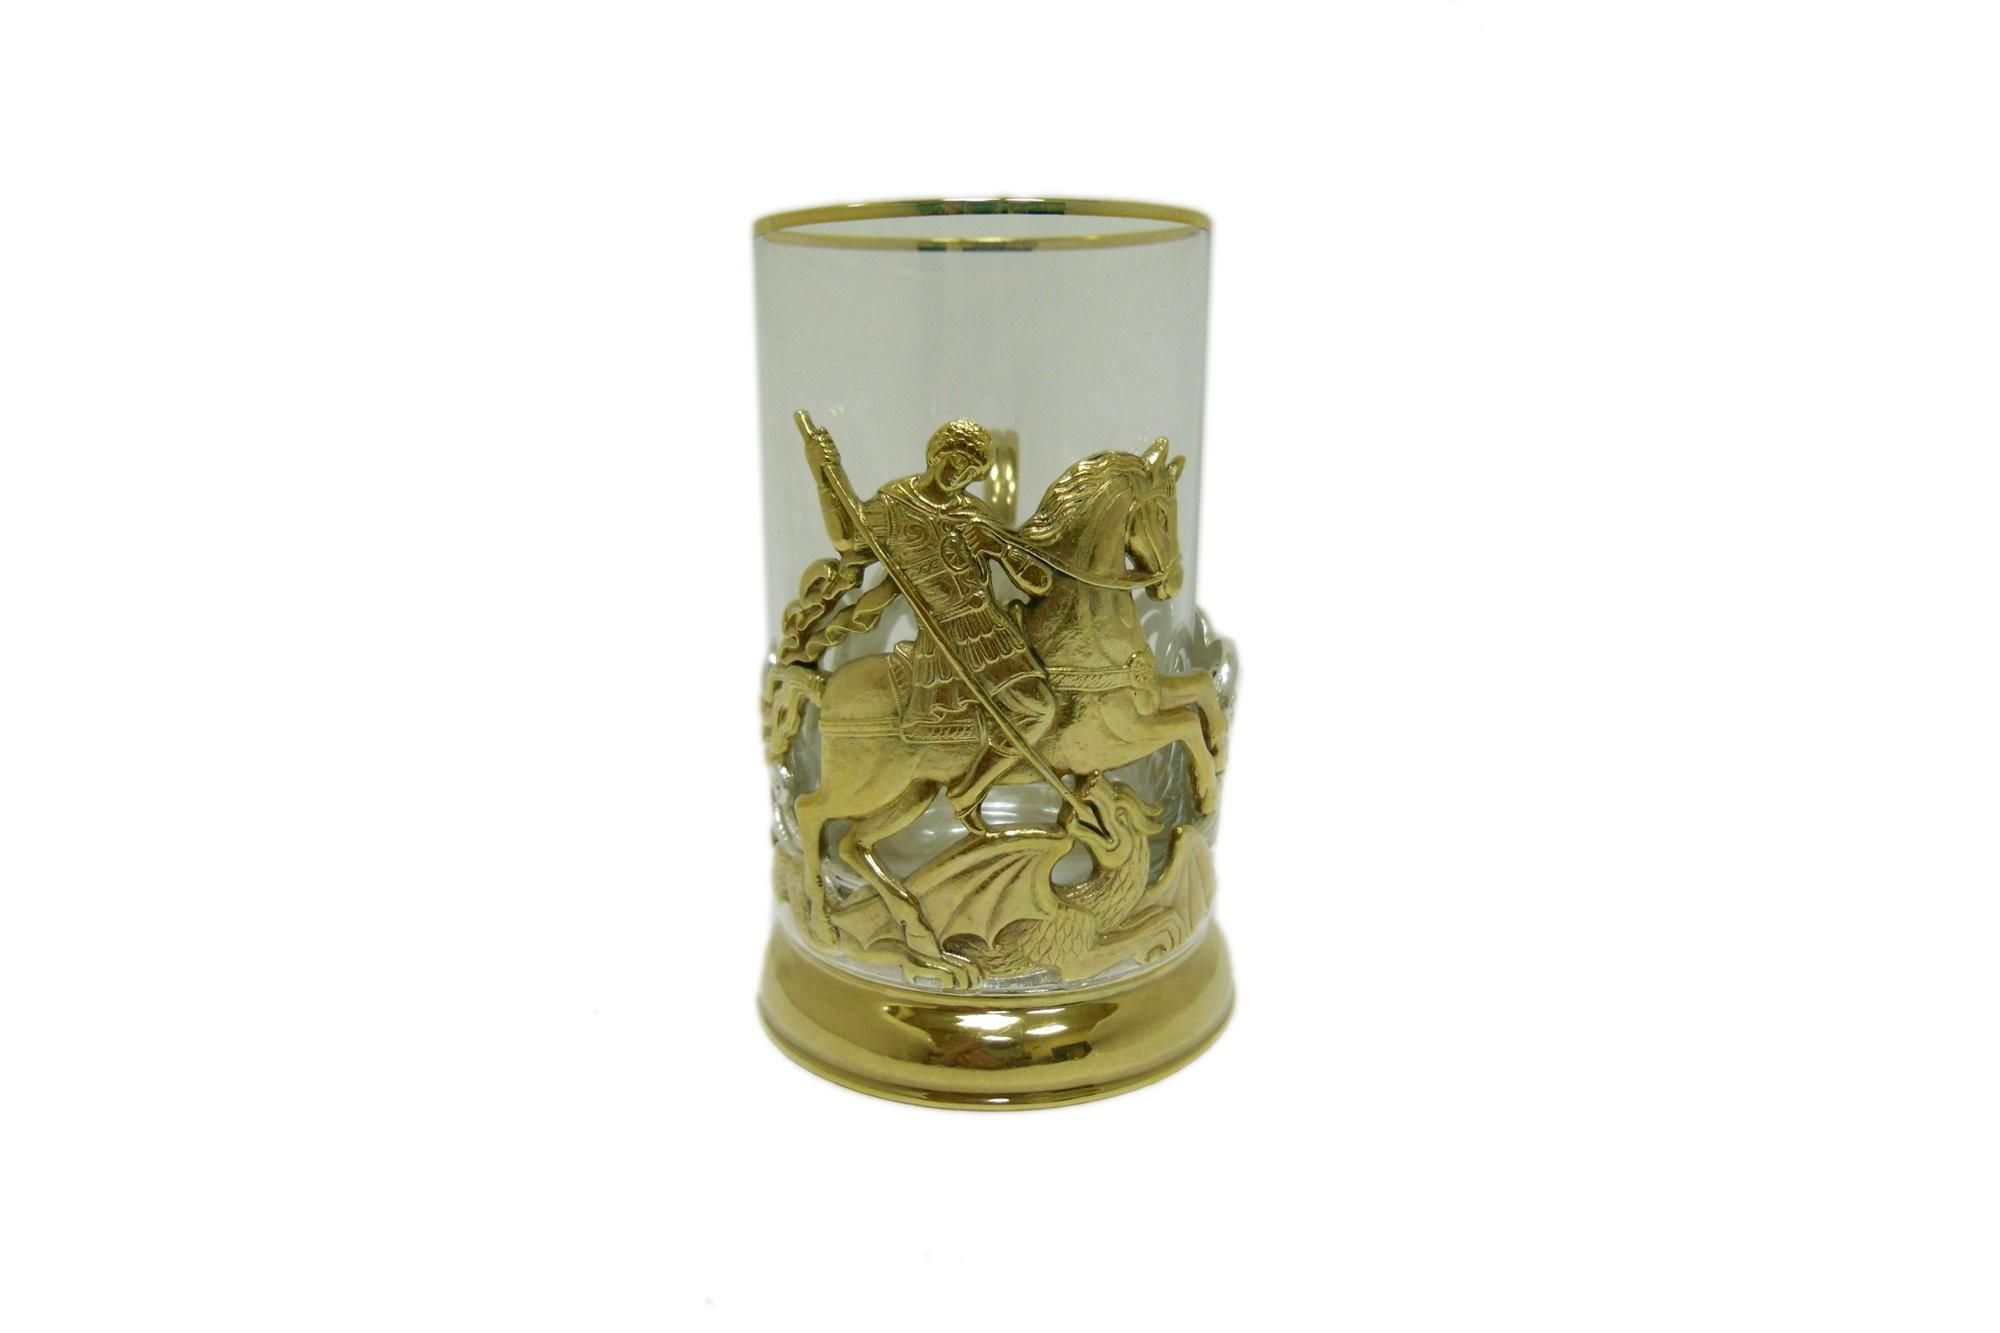 Подарочный подстаканник для чая Георгий Победоносец